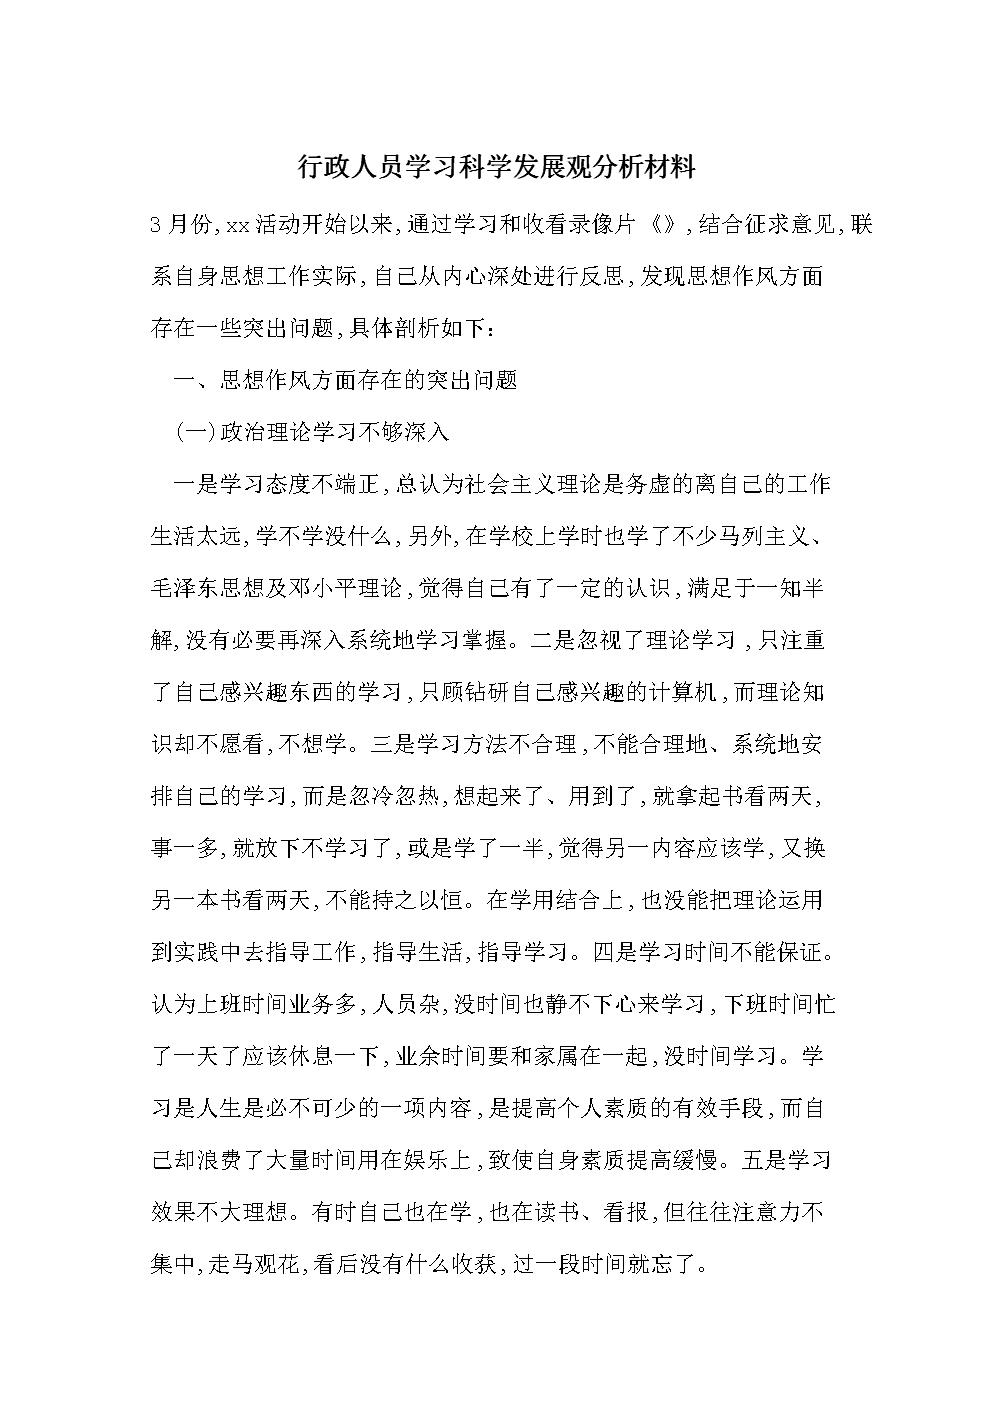 行政人员学习科学发展观分析材料.doc